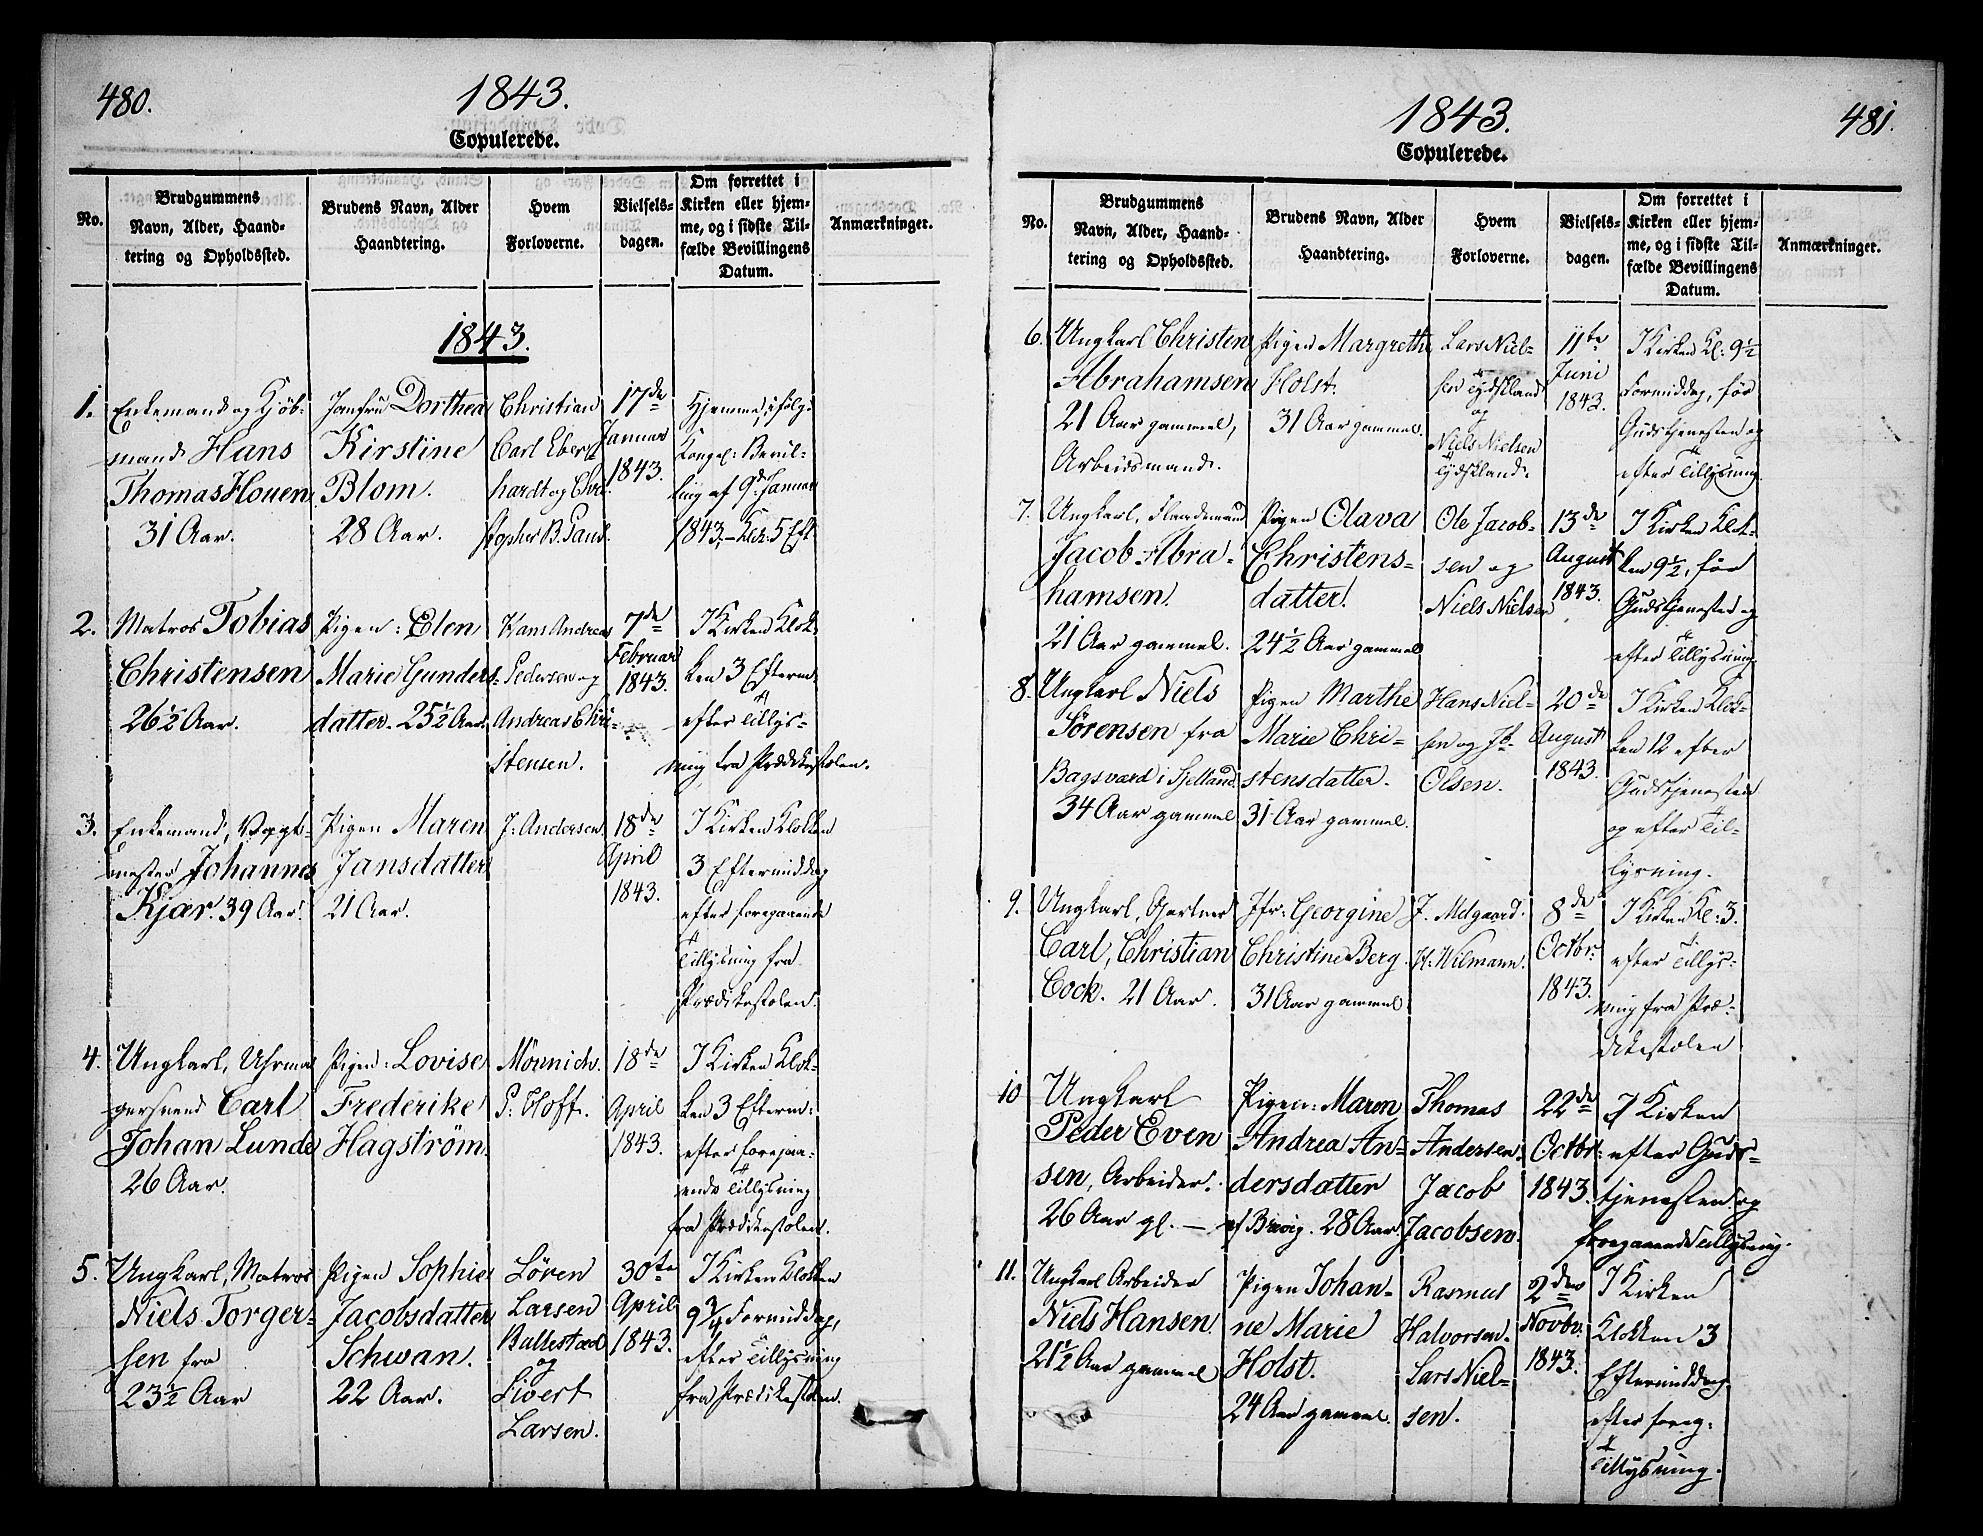 SAKO, Skien kirkebøker, G/Ga/L0003: Klokkerbok nr. 3, 1843-1847, s. 480-481